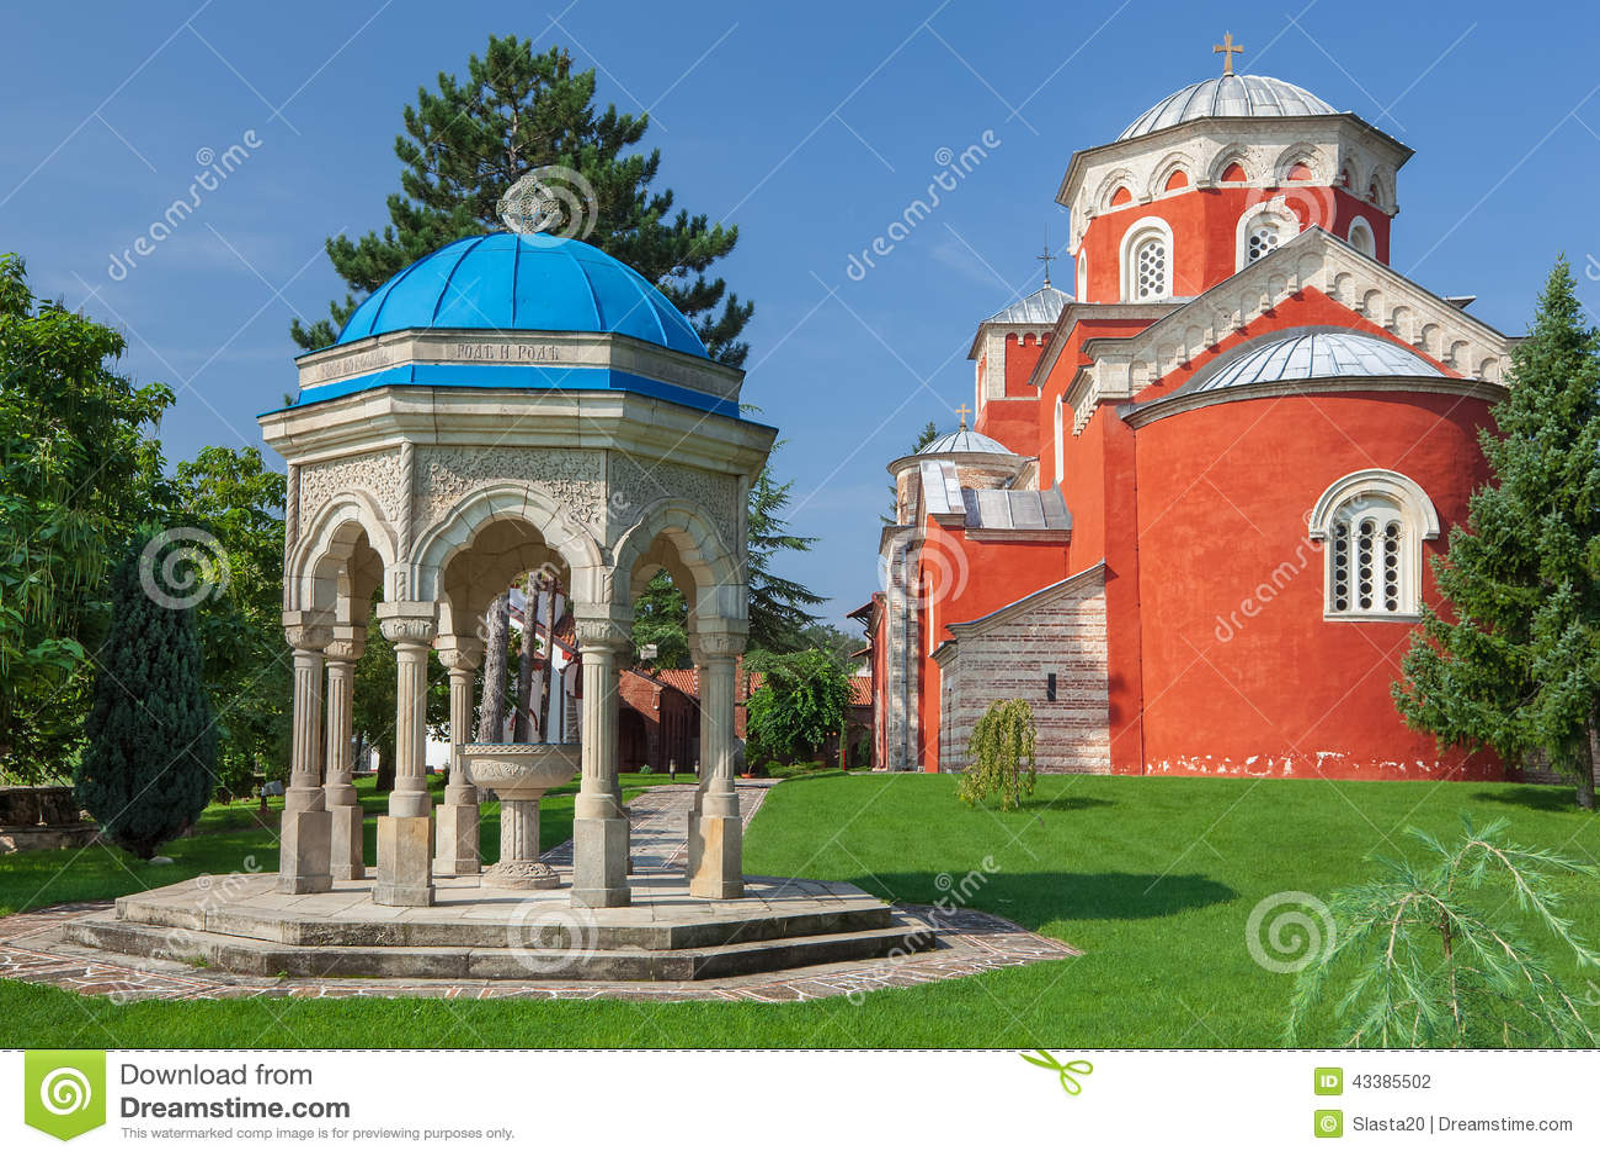 Zica monastery complex